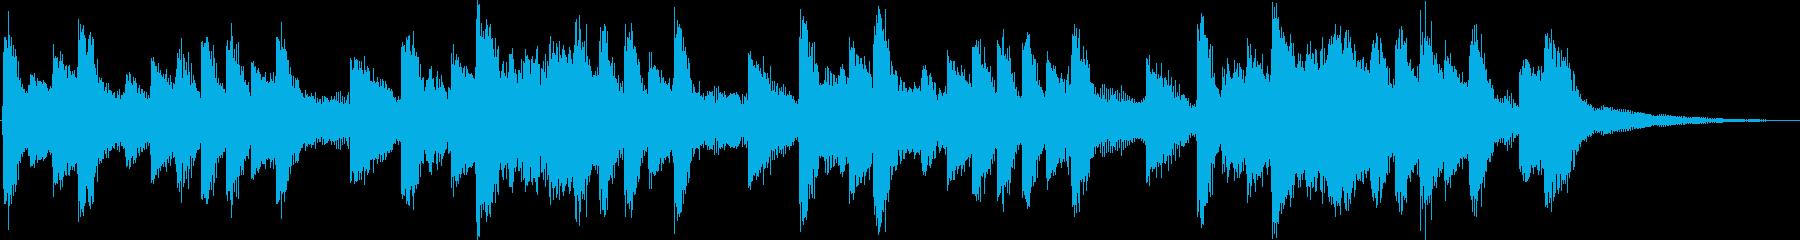 怪しげな雰囲気のテクノジングルの再生済みの波形